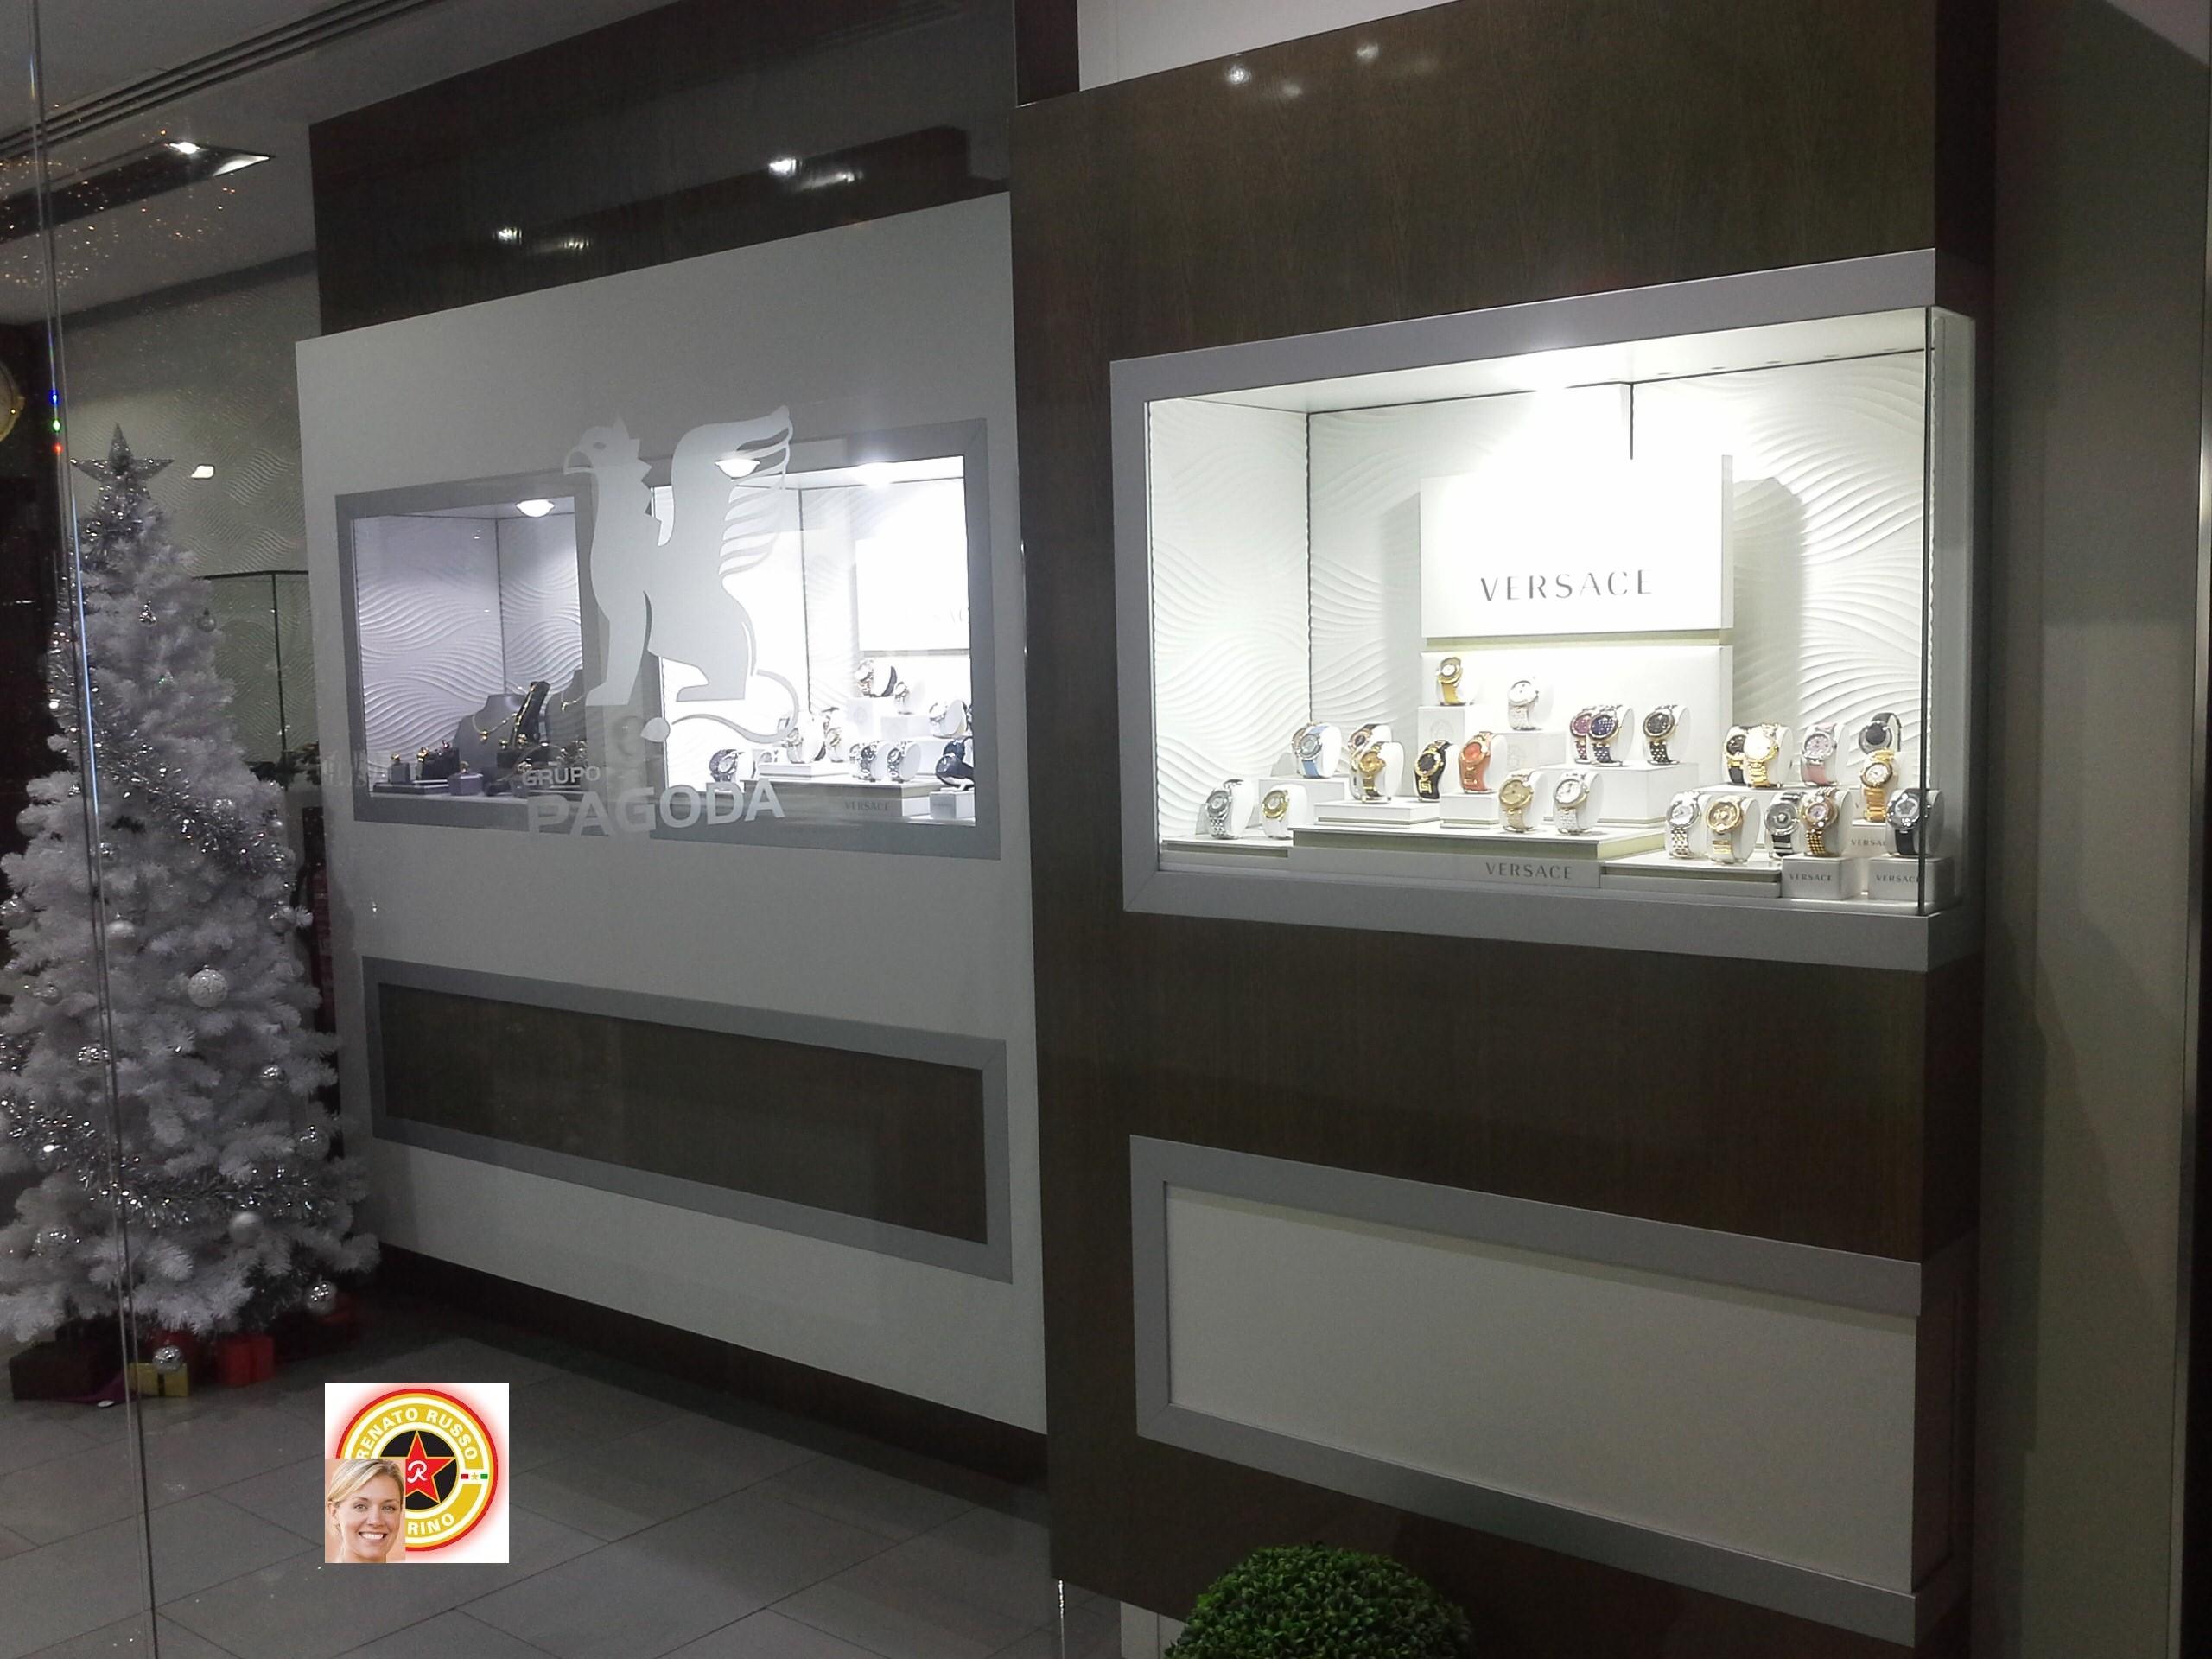 Arredamenti per gioiellerie compra in fabbrica a met prezzo vetrine per oreficerie - Negozi mobili giardino bari ...